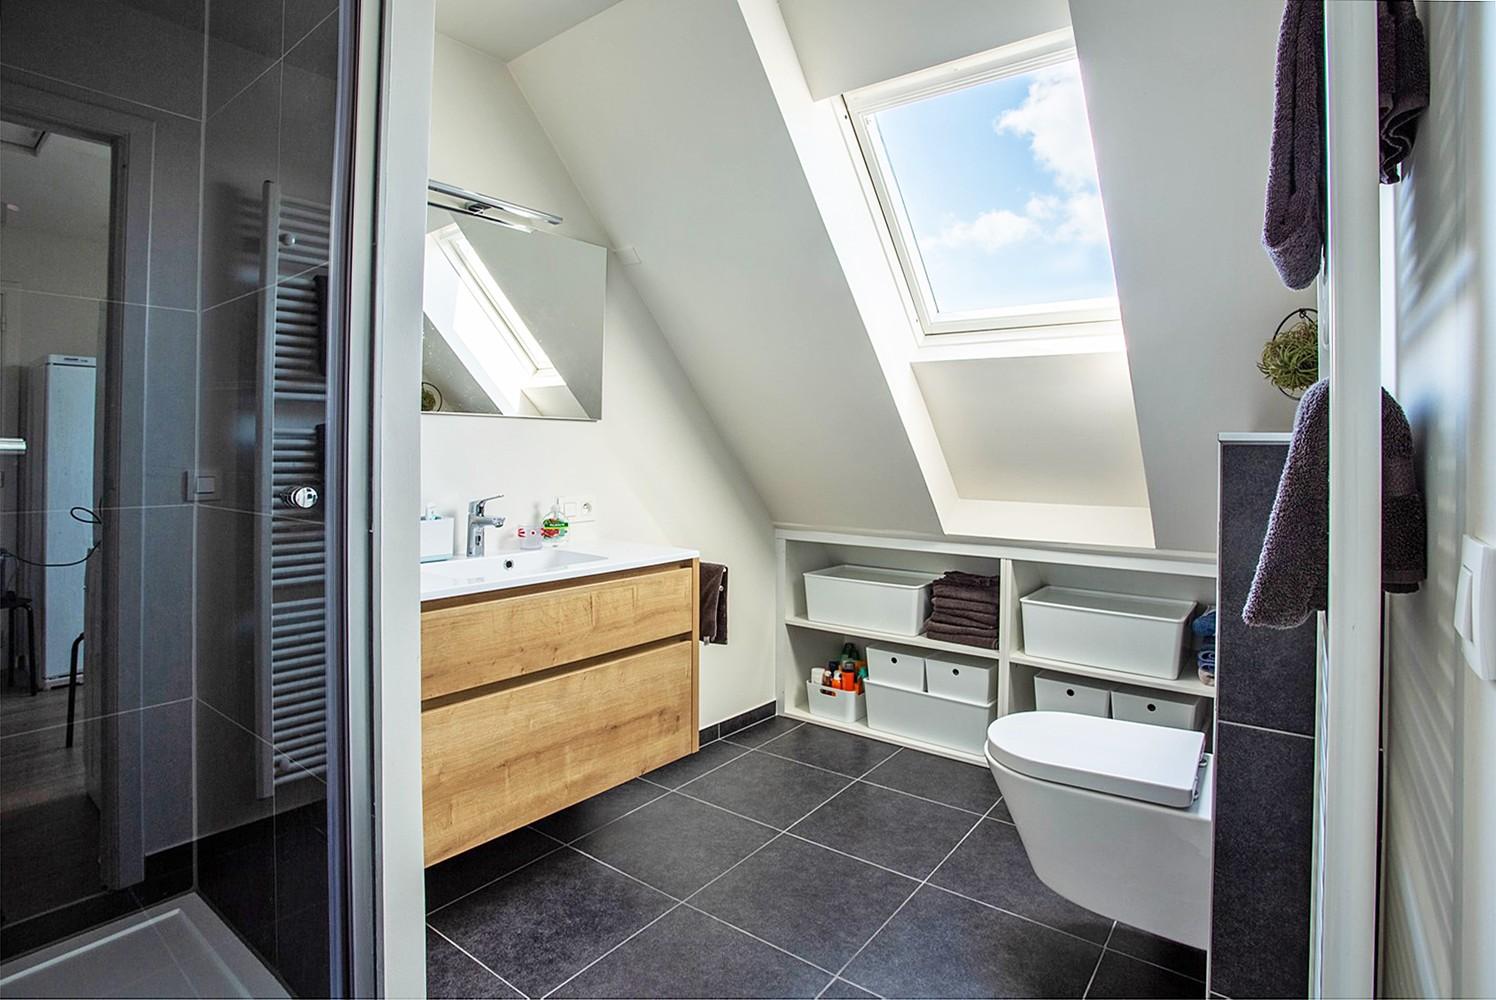 Verrassend ruim, lichtrijk appartement met 3 slaapkamers in hartje Broechem! afbeelding 11